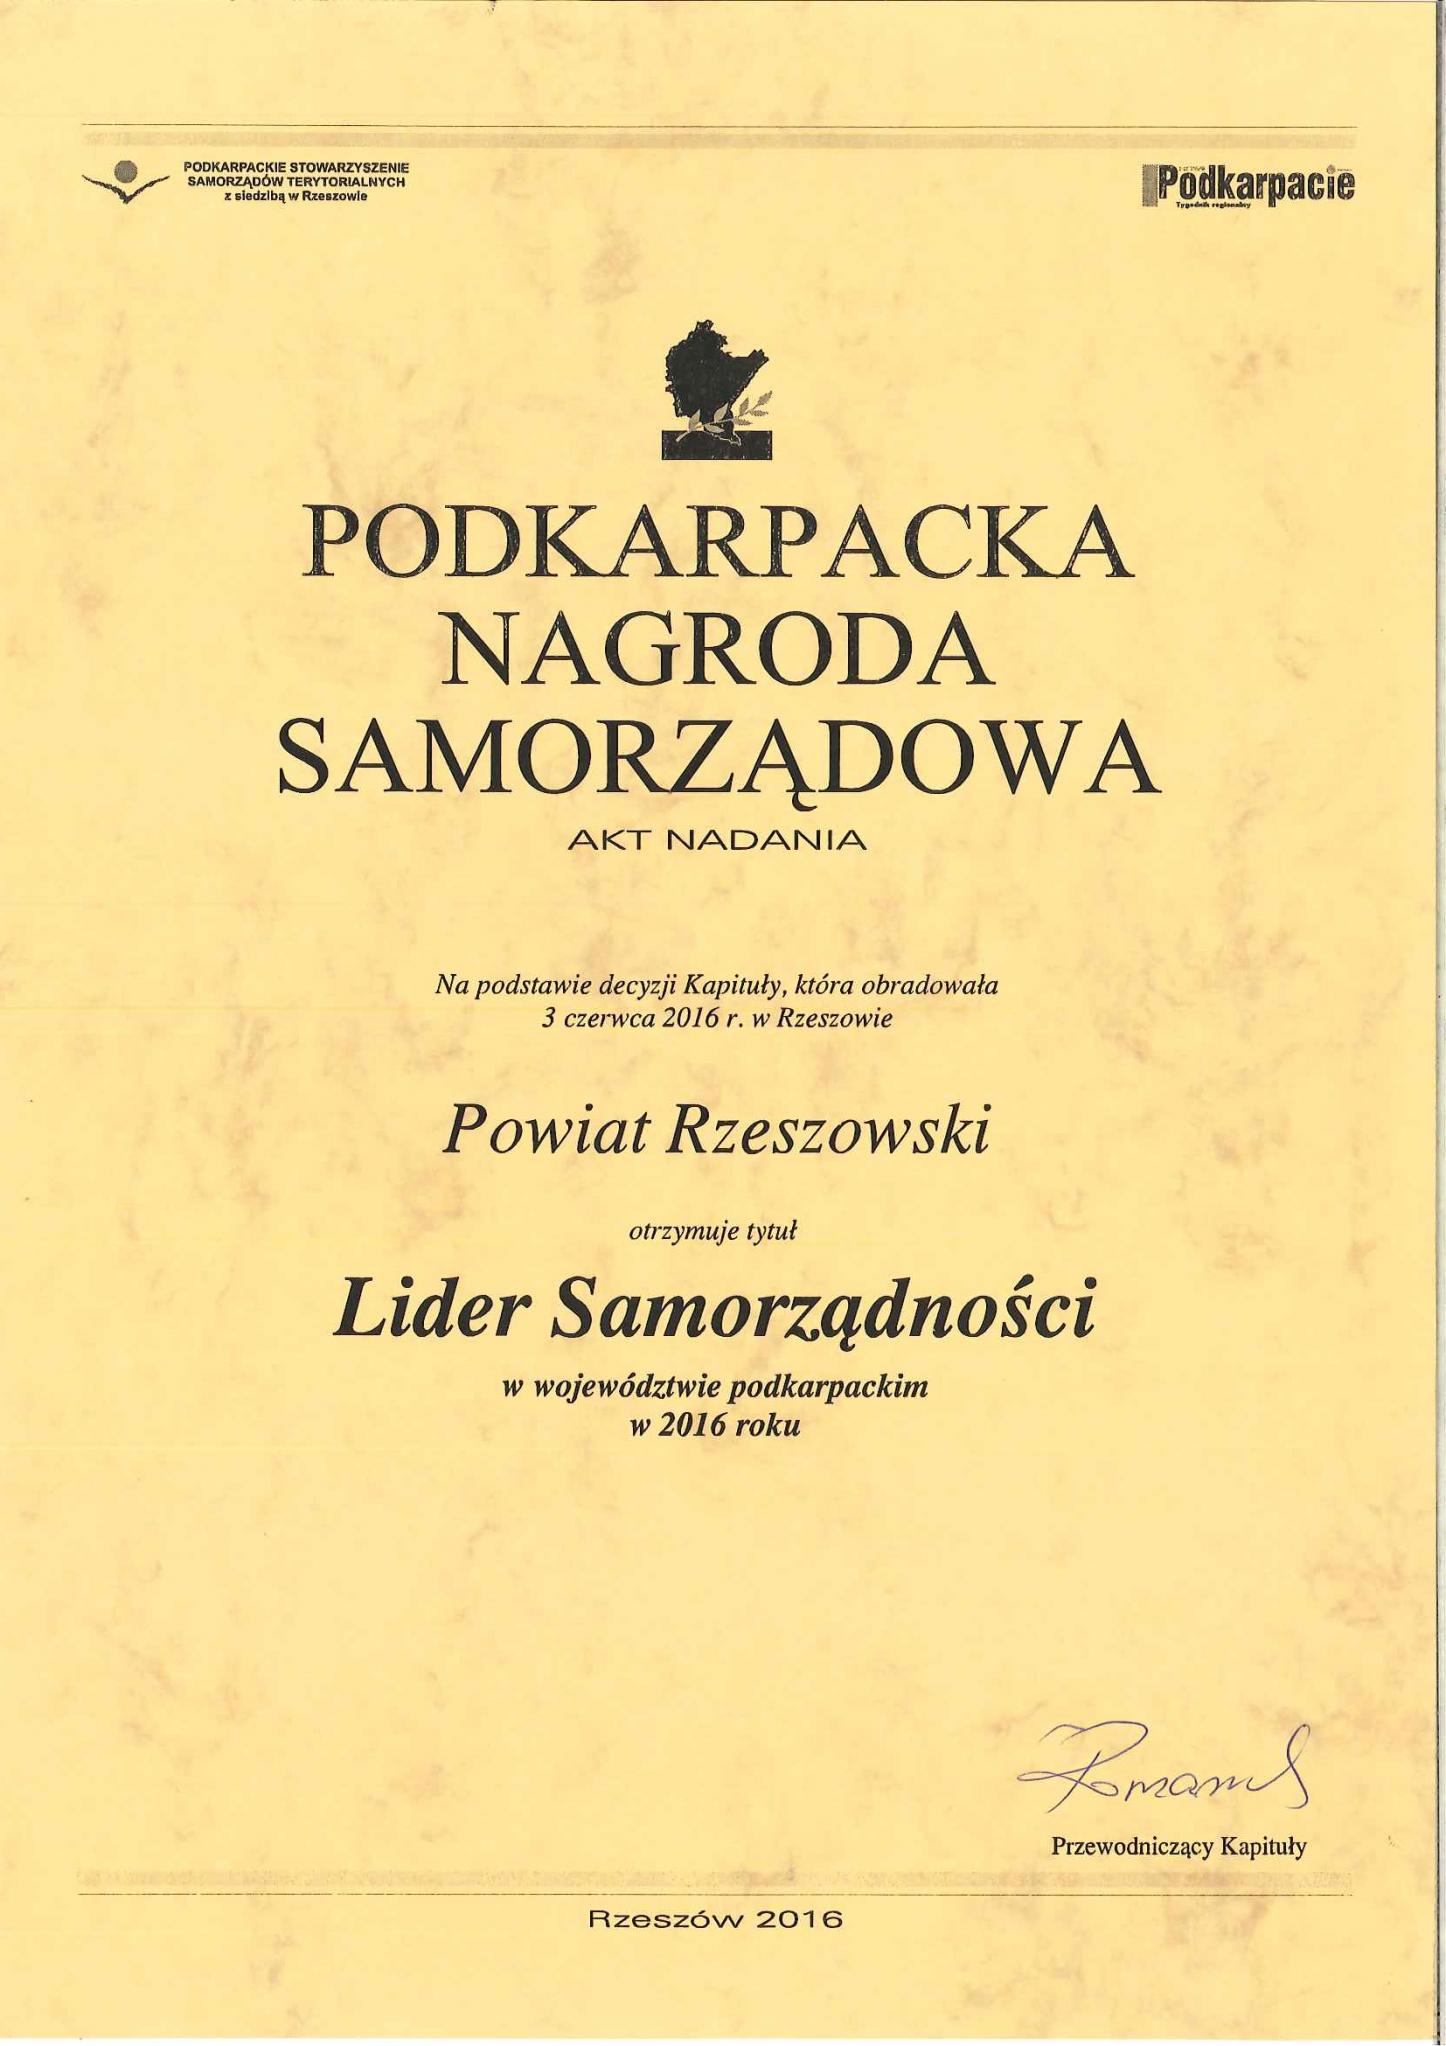 Podkarpacka Nagroda Samorządowa